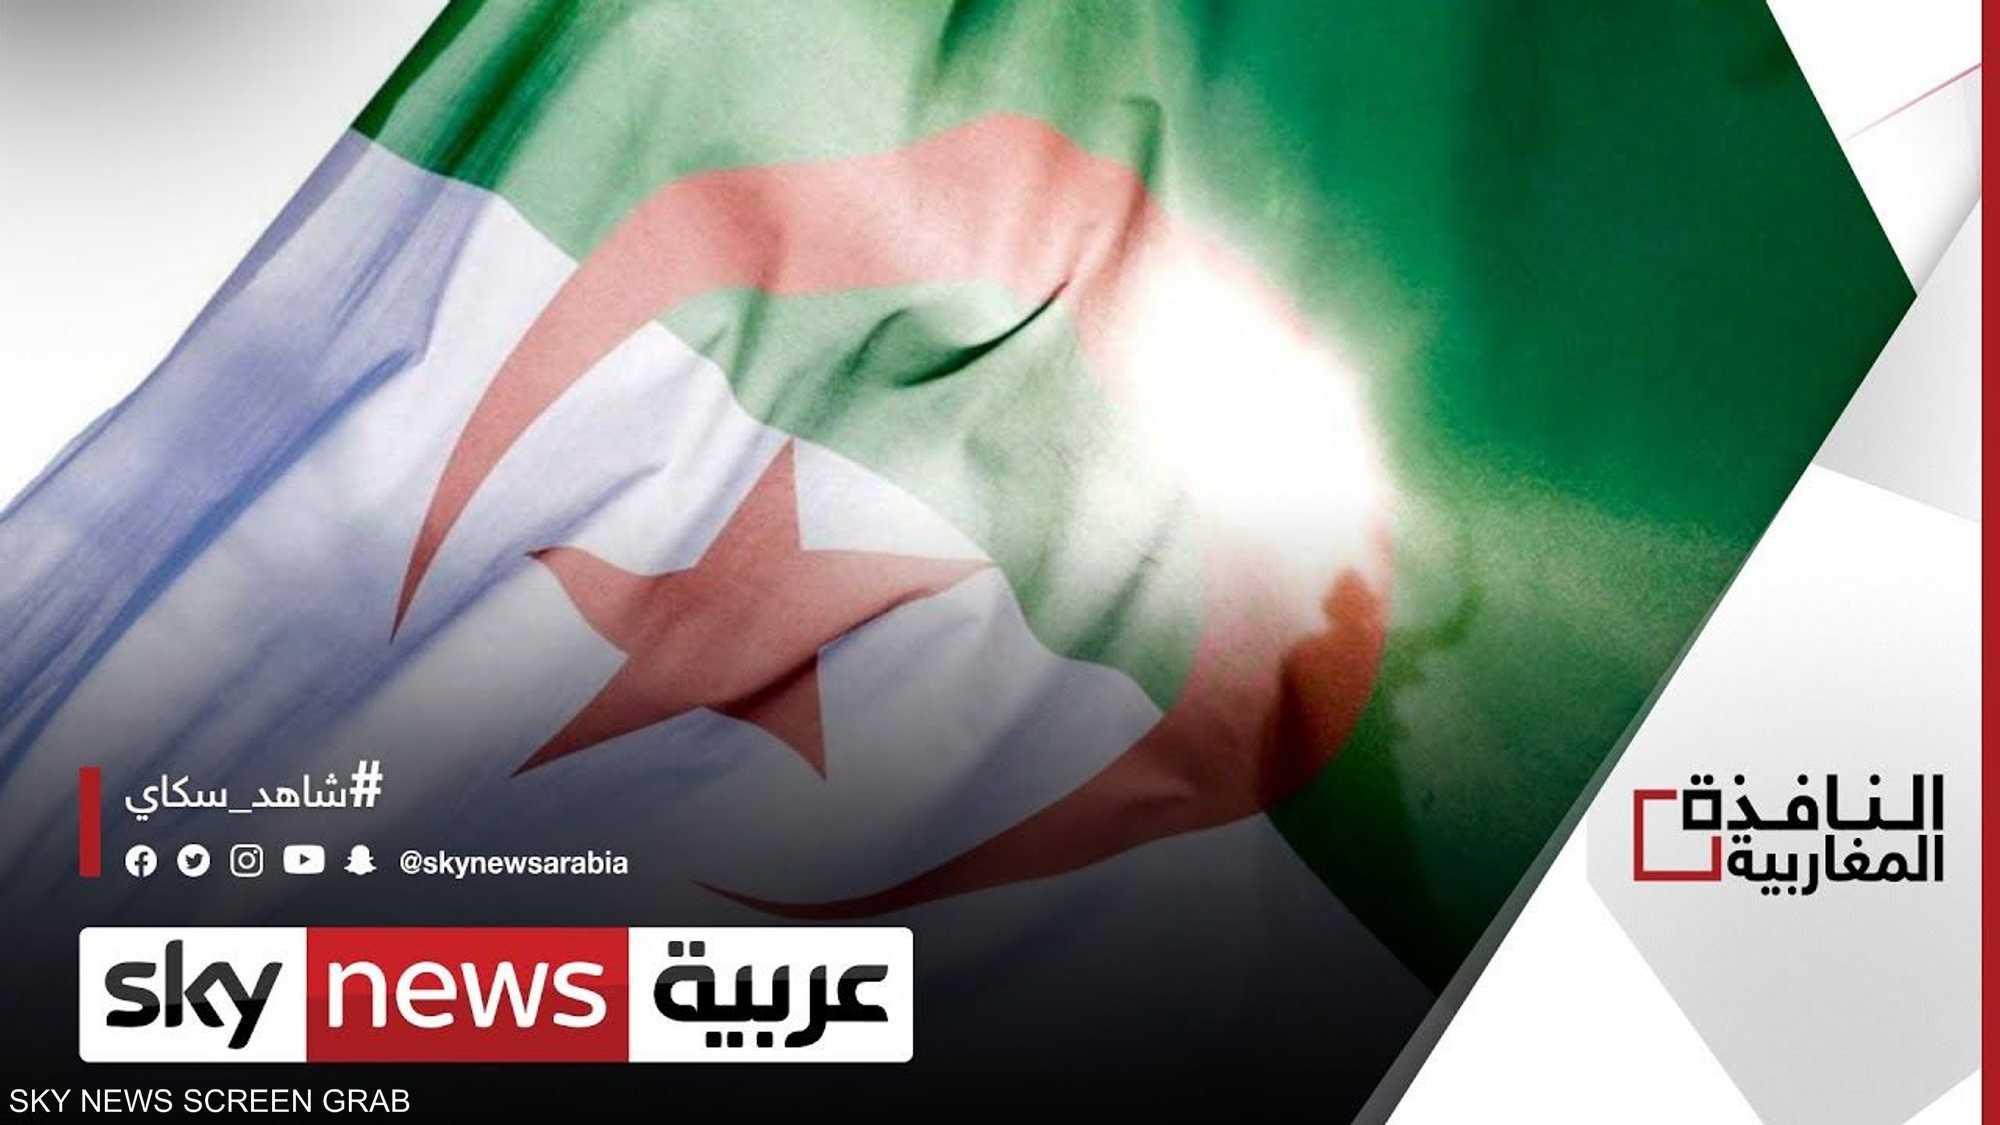 أحزاب سياسية تقرر مقاطعة الانتخابات التشريعية الجزائرية